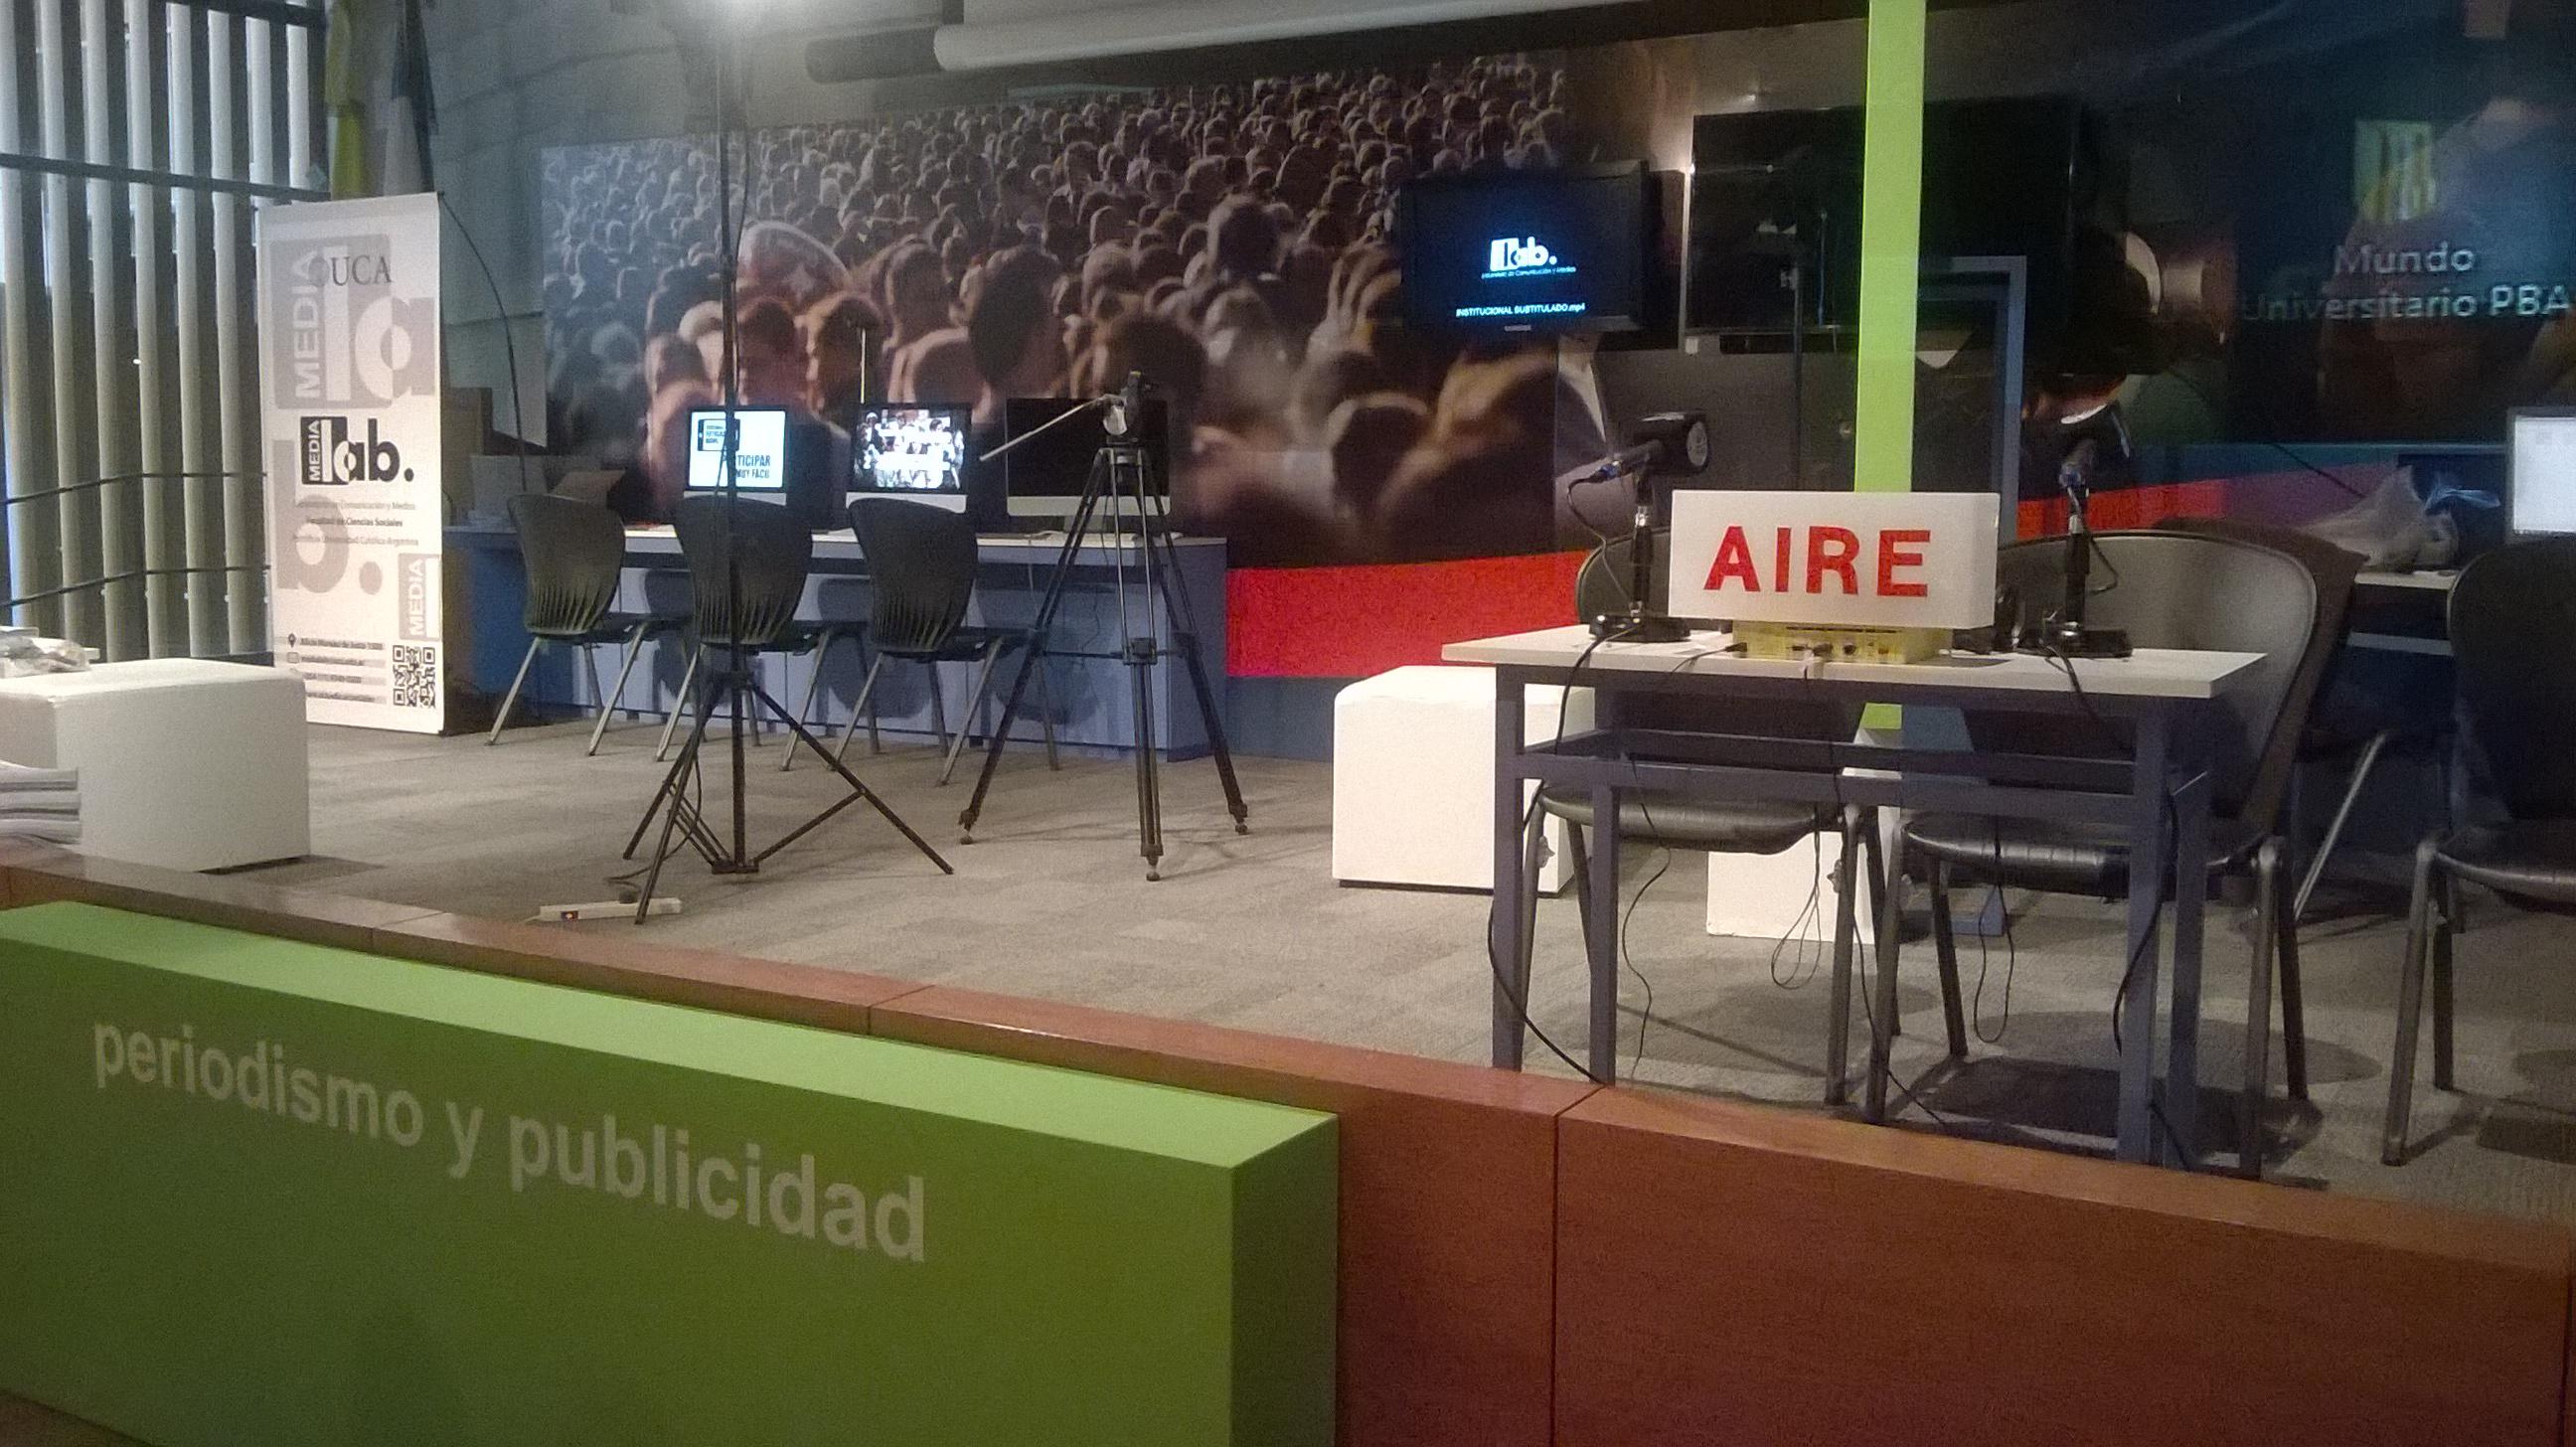 El Media Lab presente en Mundo Universitario